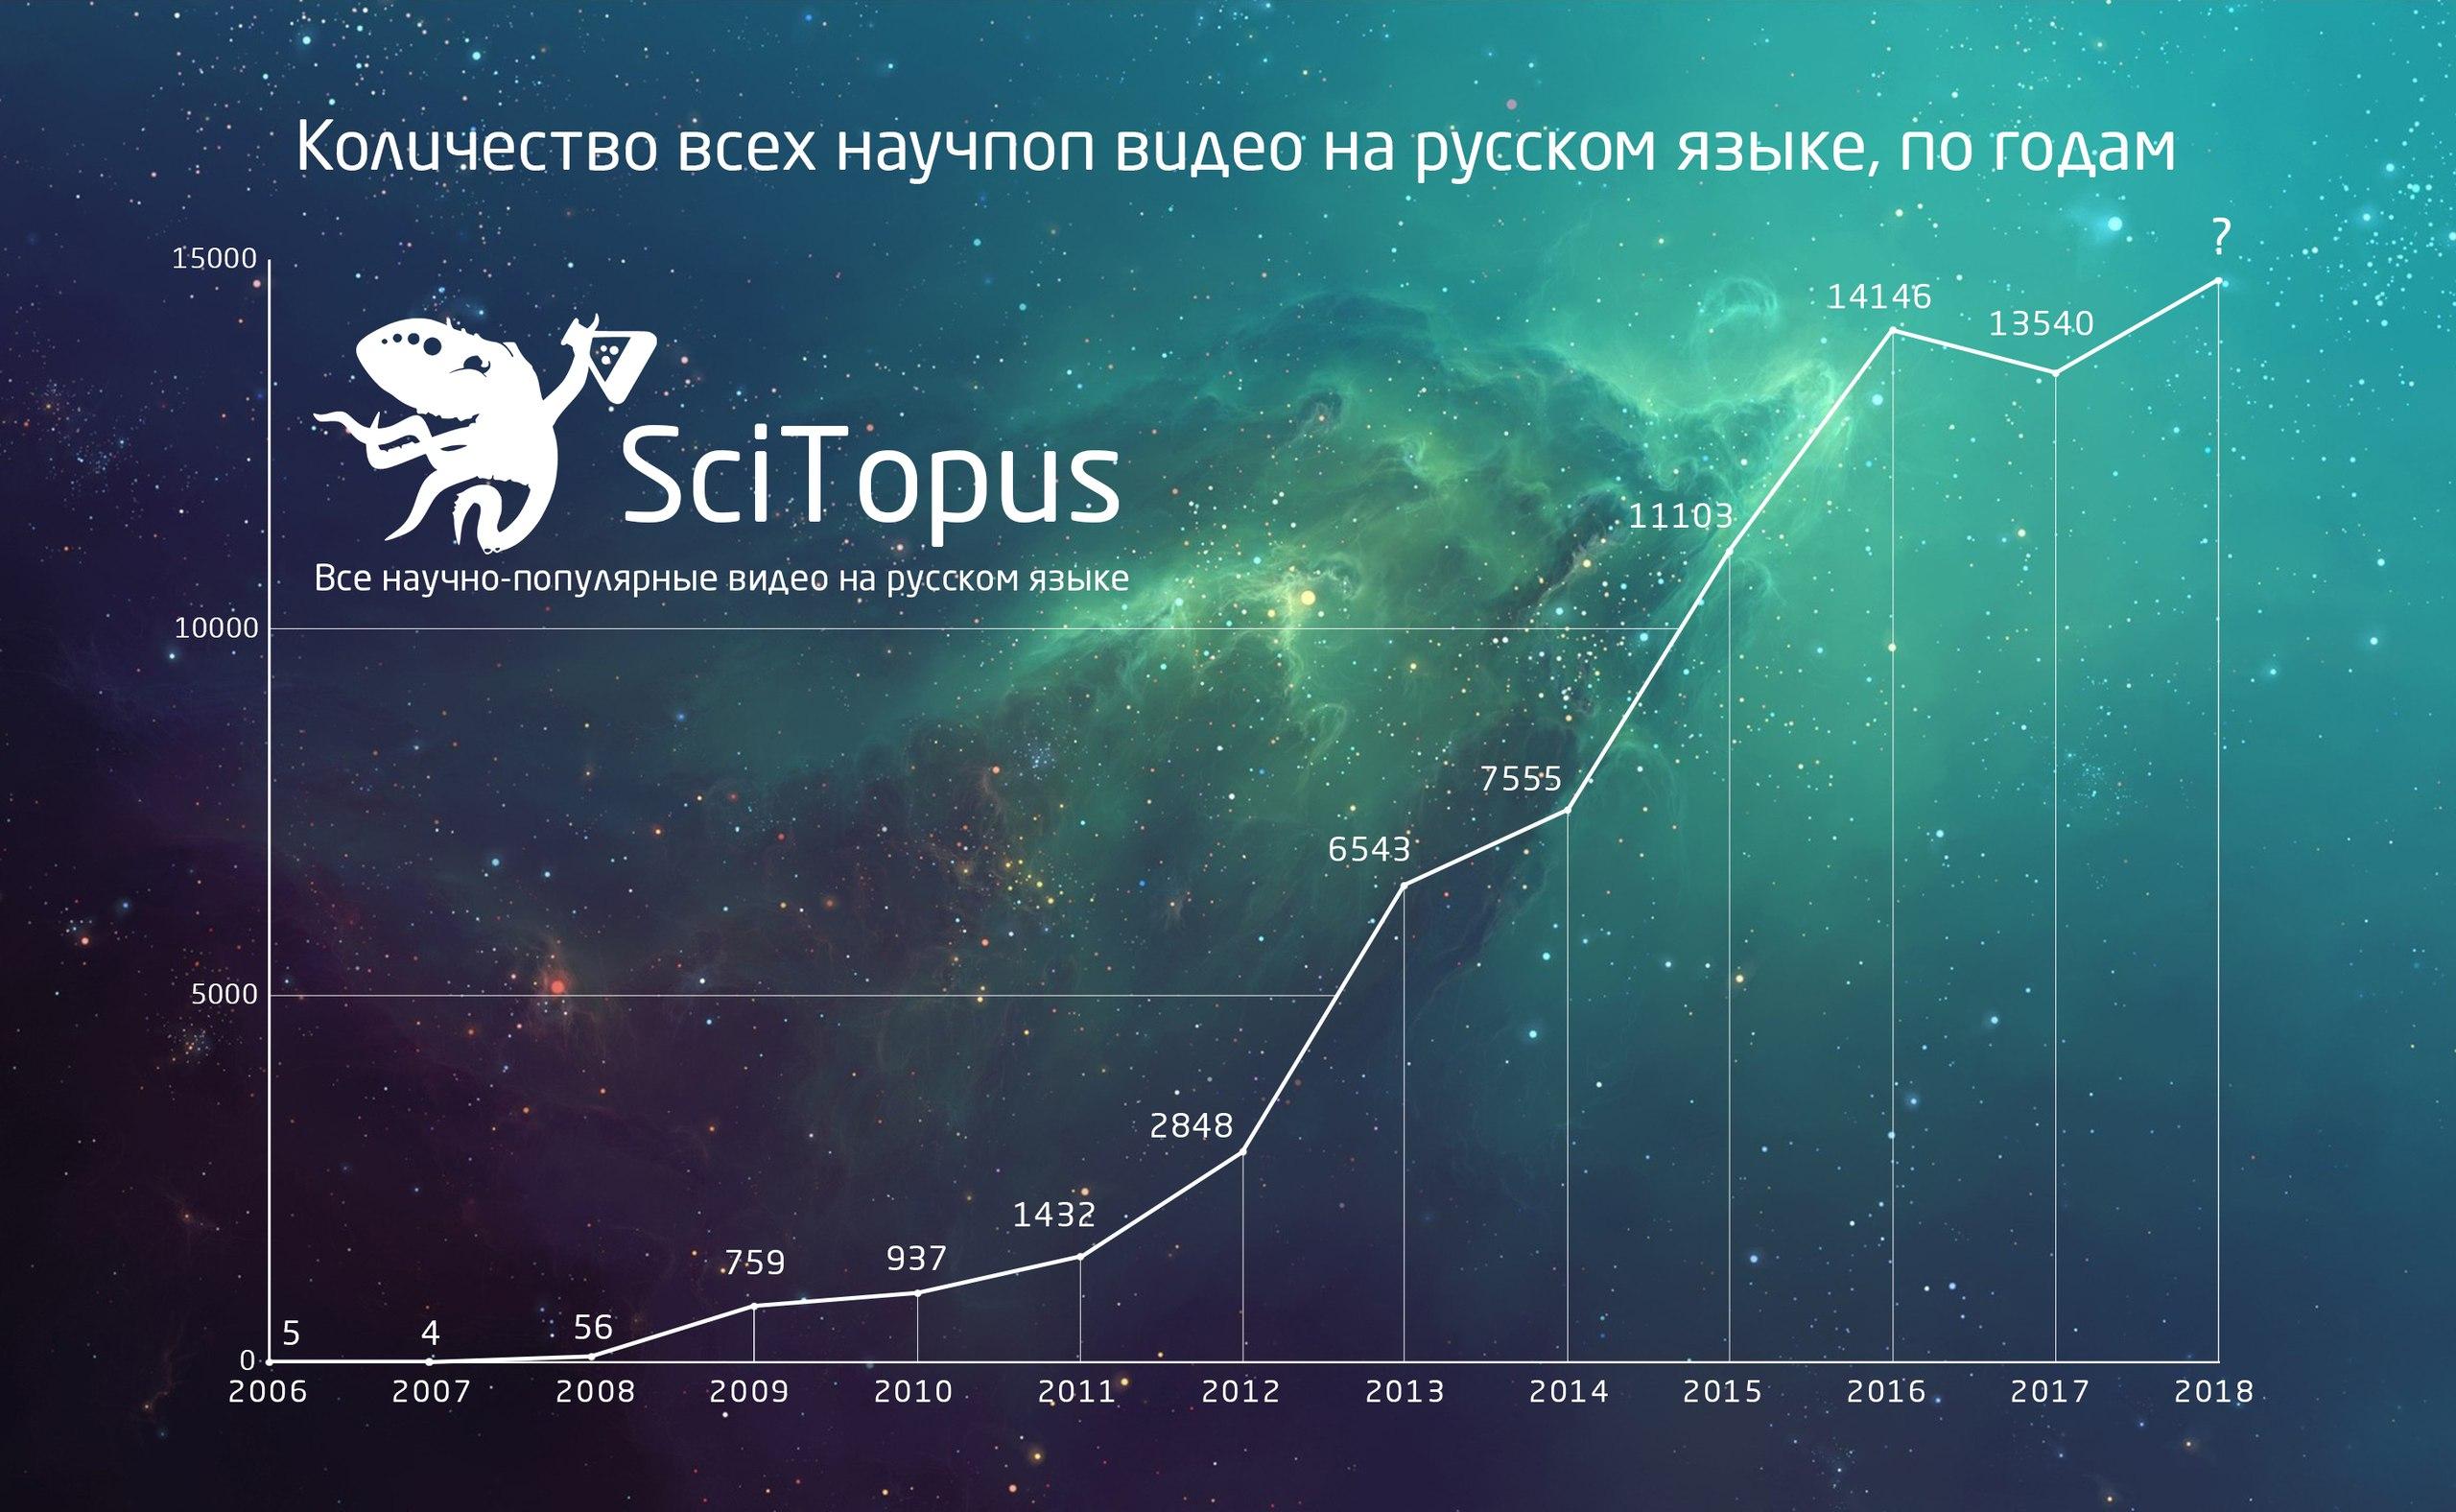 Огромный список научно-популярных и образовательных каналов на русском языке (версия 2018)